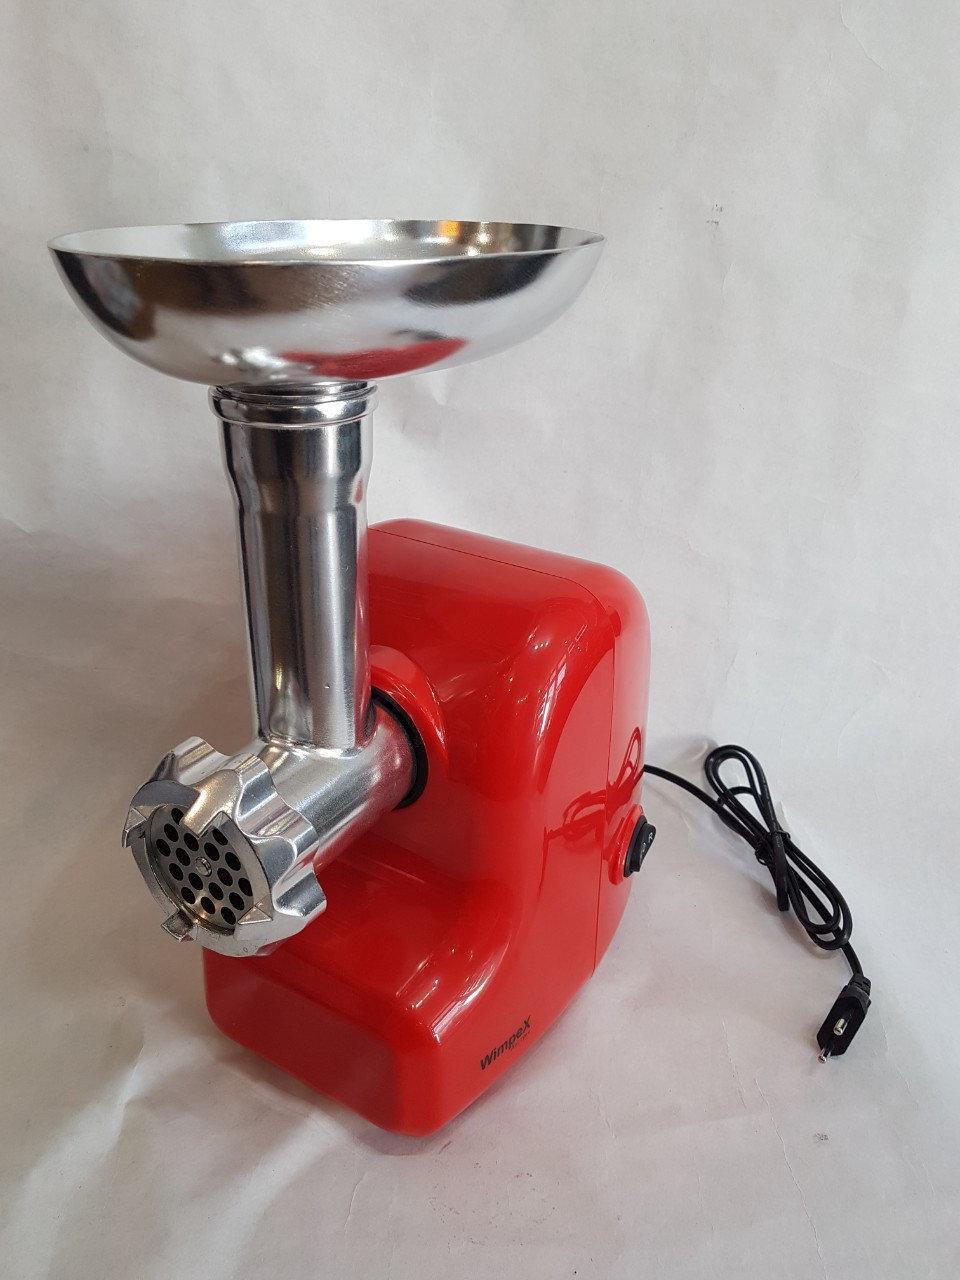 Электрическая мясорубка Wimpex WX-3076 2000 Вт электромясорубка красная